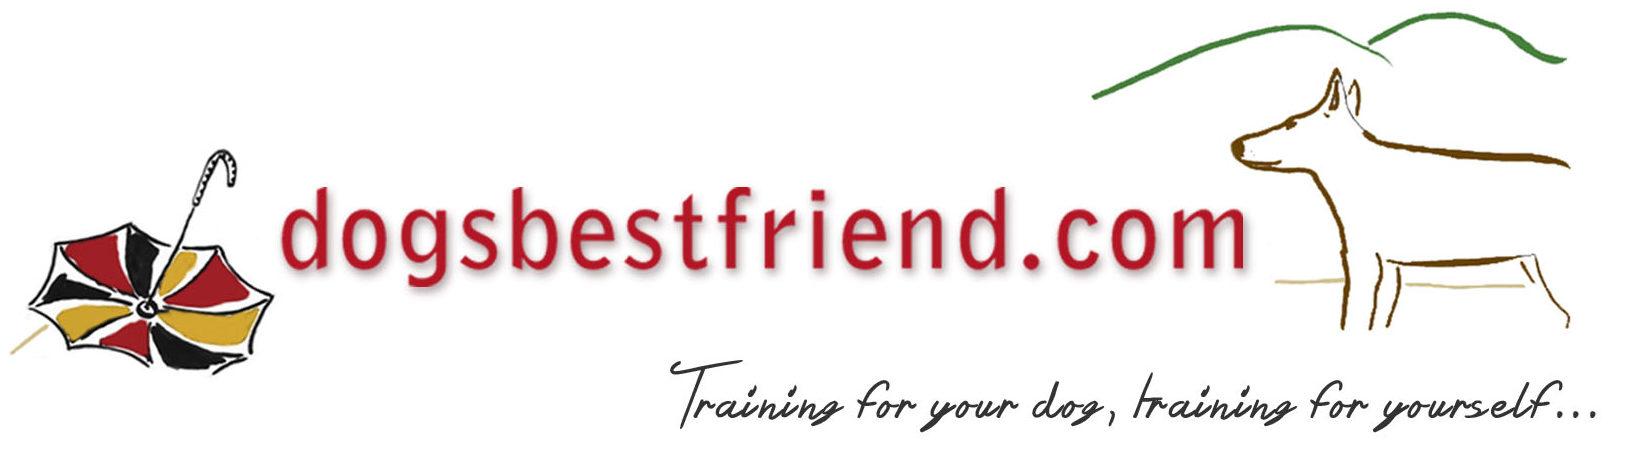 dogsbestfriend.com